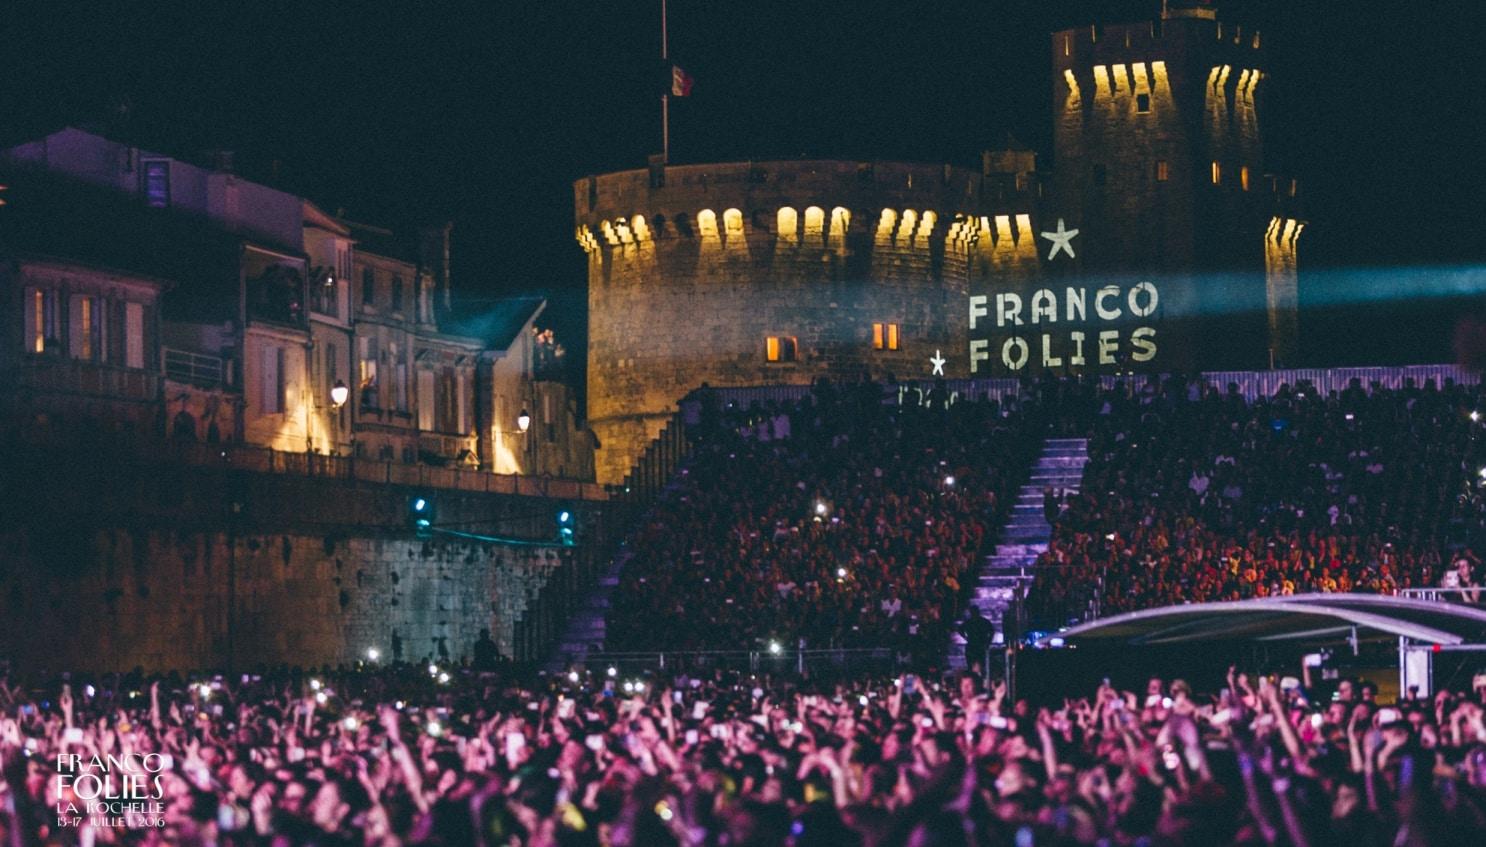 Les francofolies, festival de musique sur le port de La Rochelle